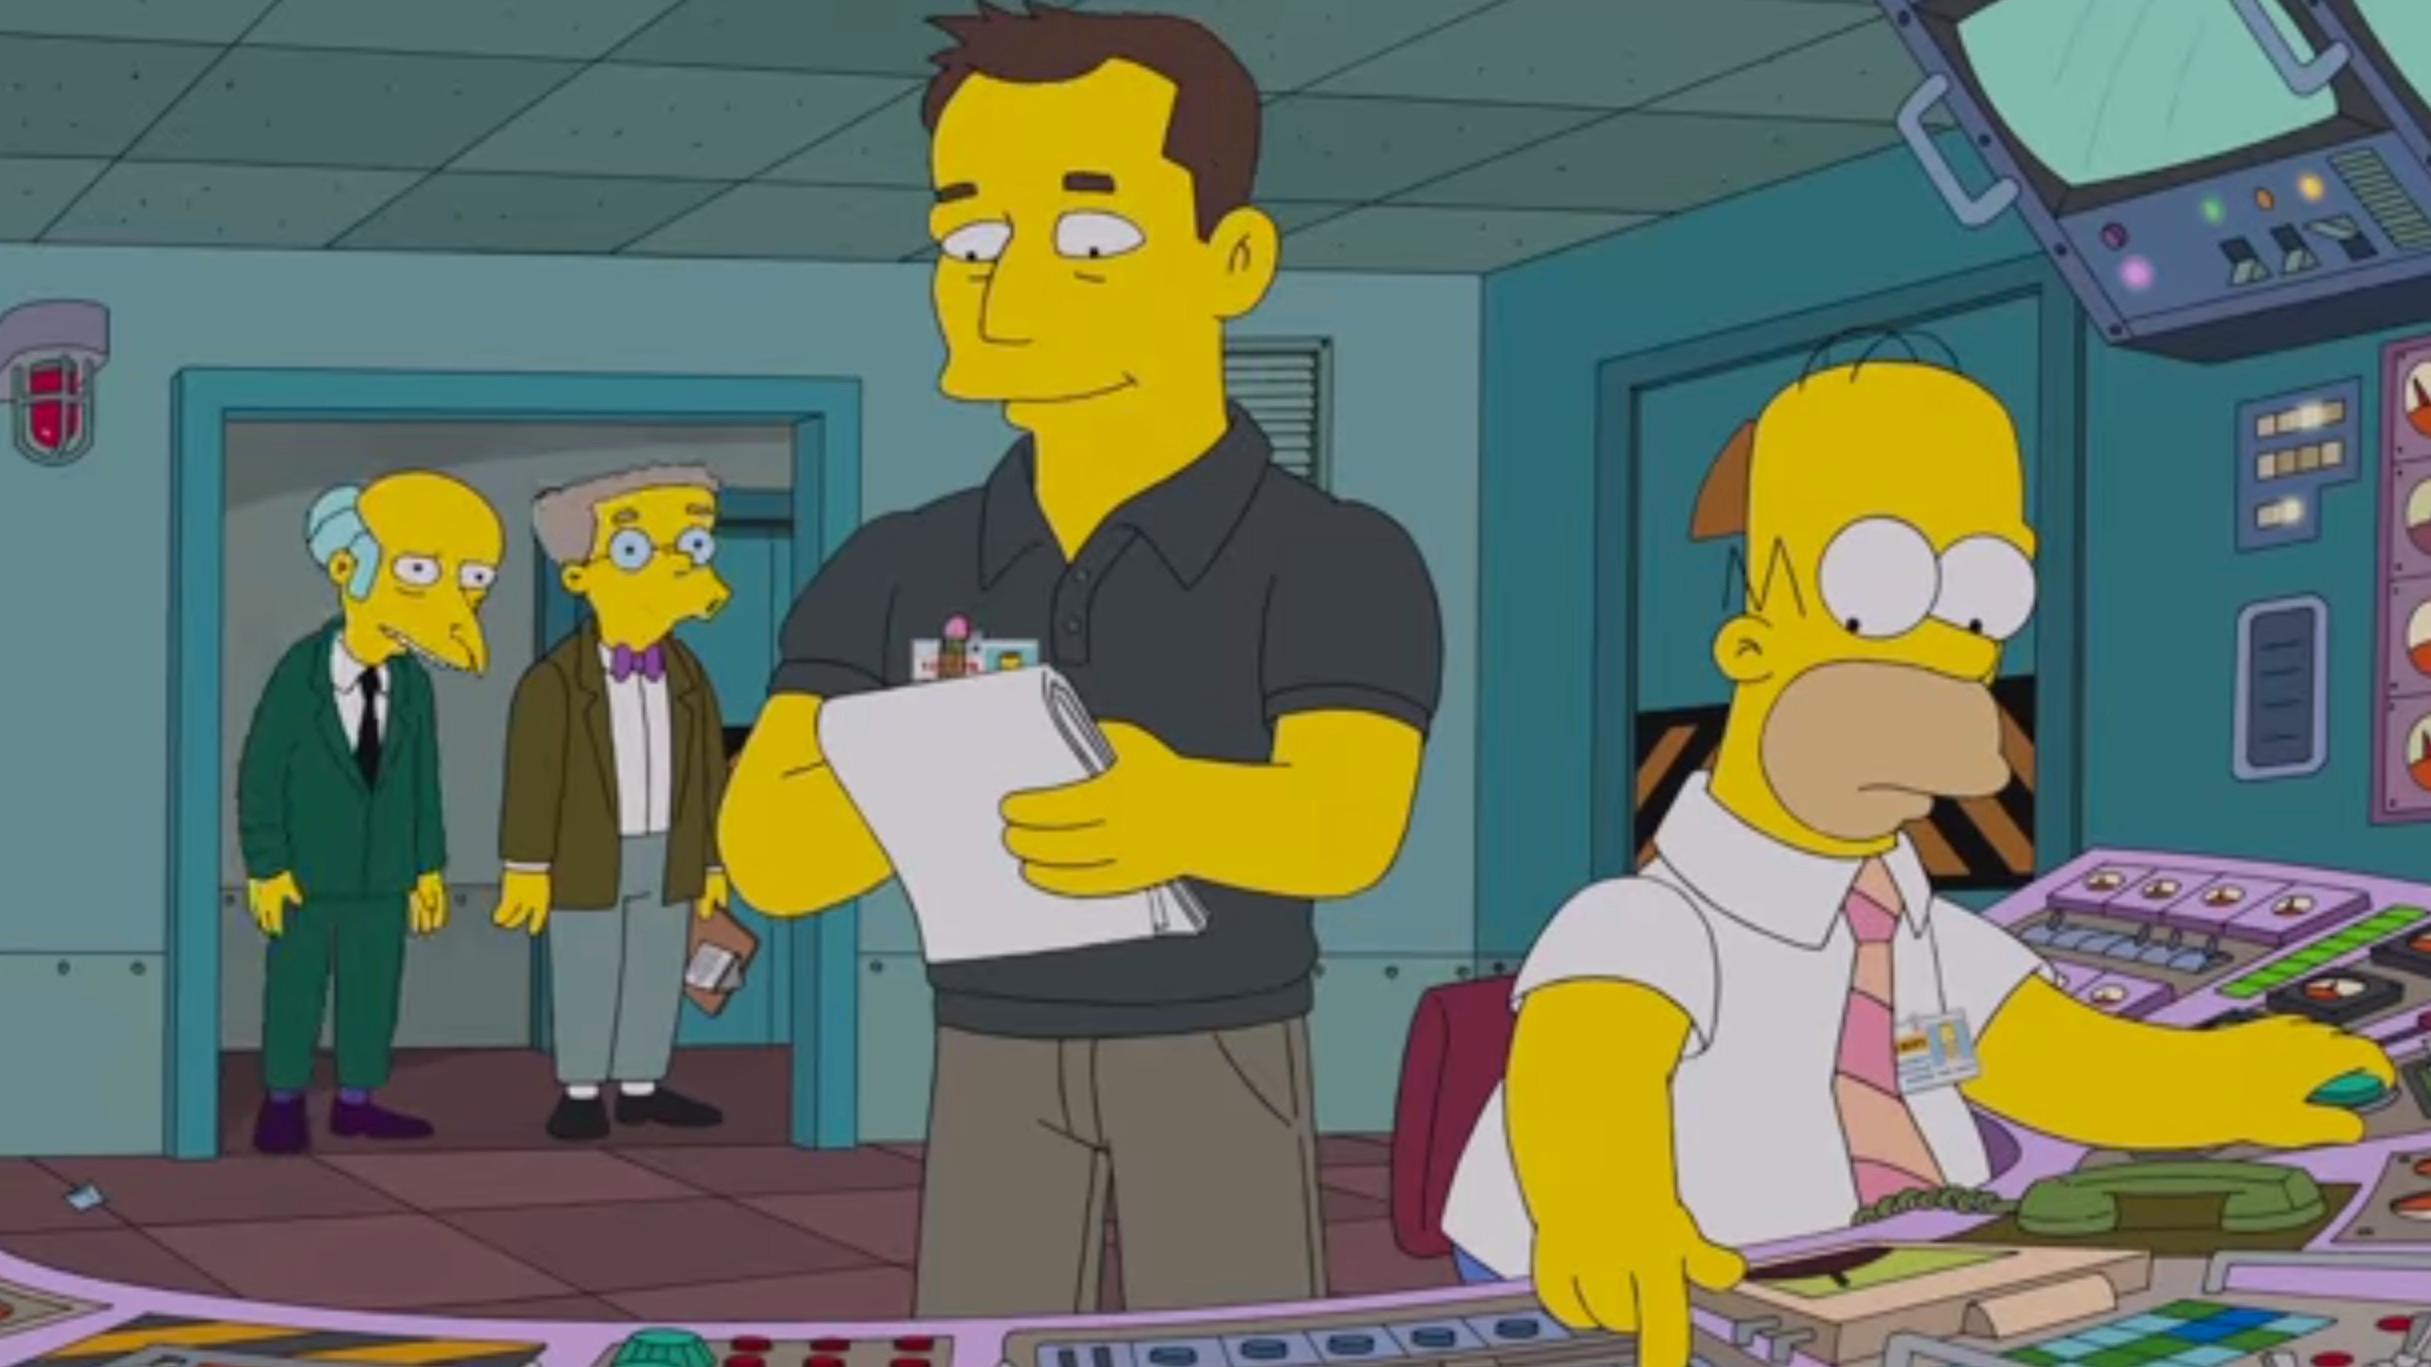 Elon Musk dukket opp i Simpsons: – Elraketter er umulig